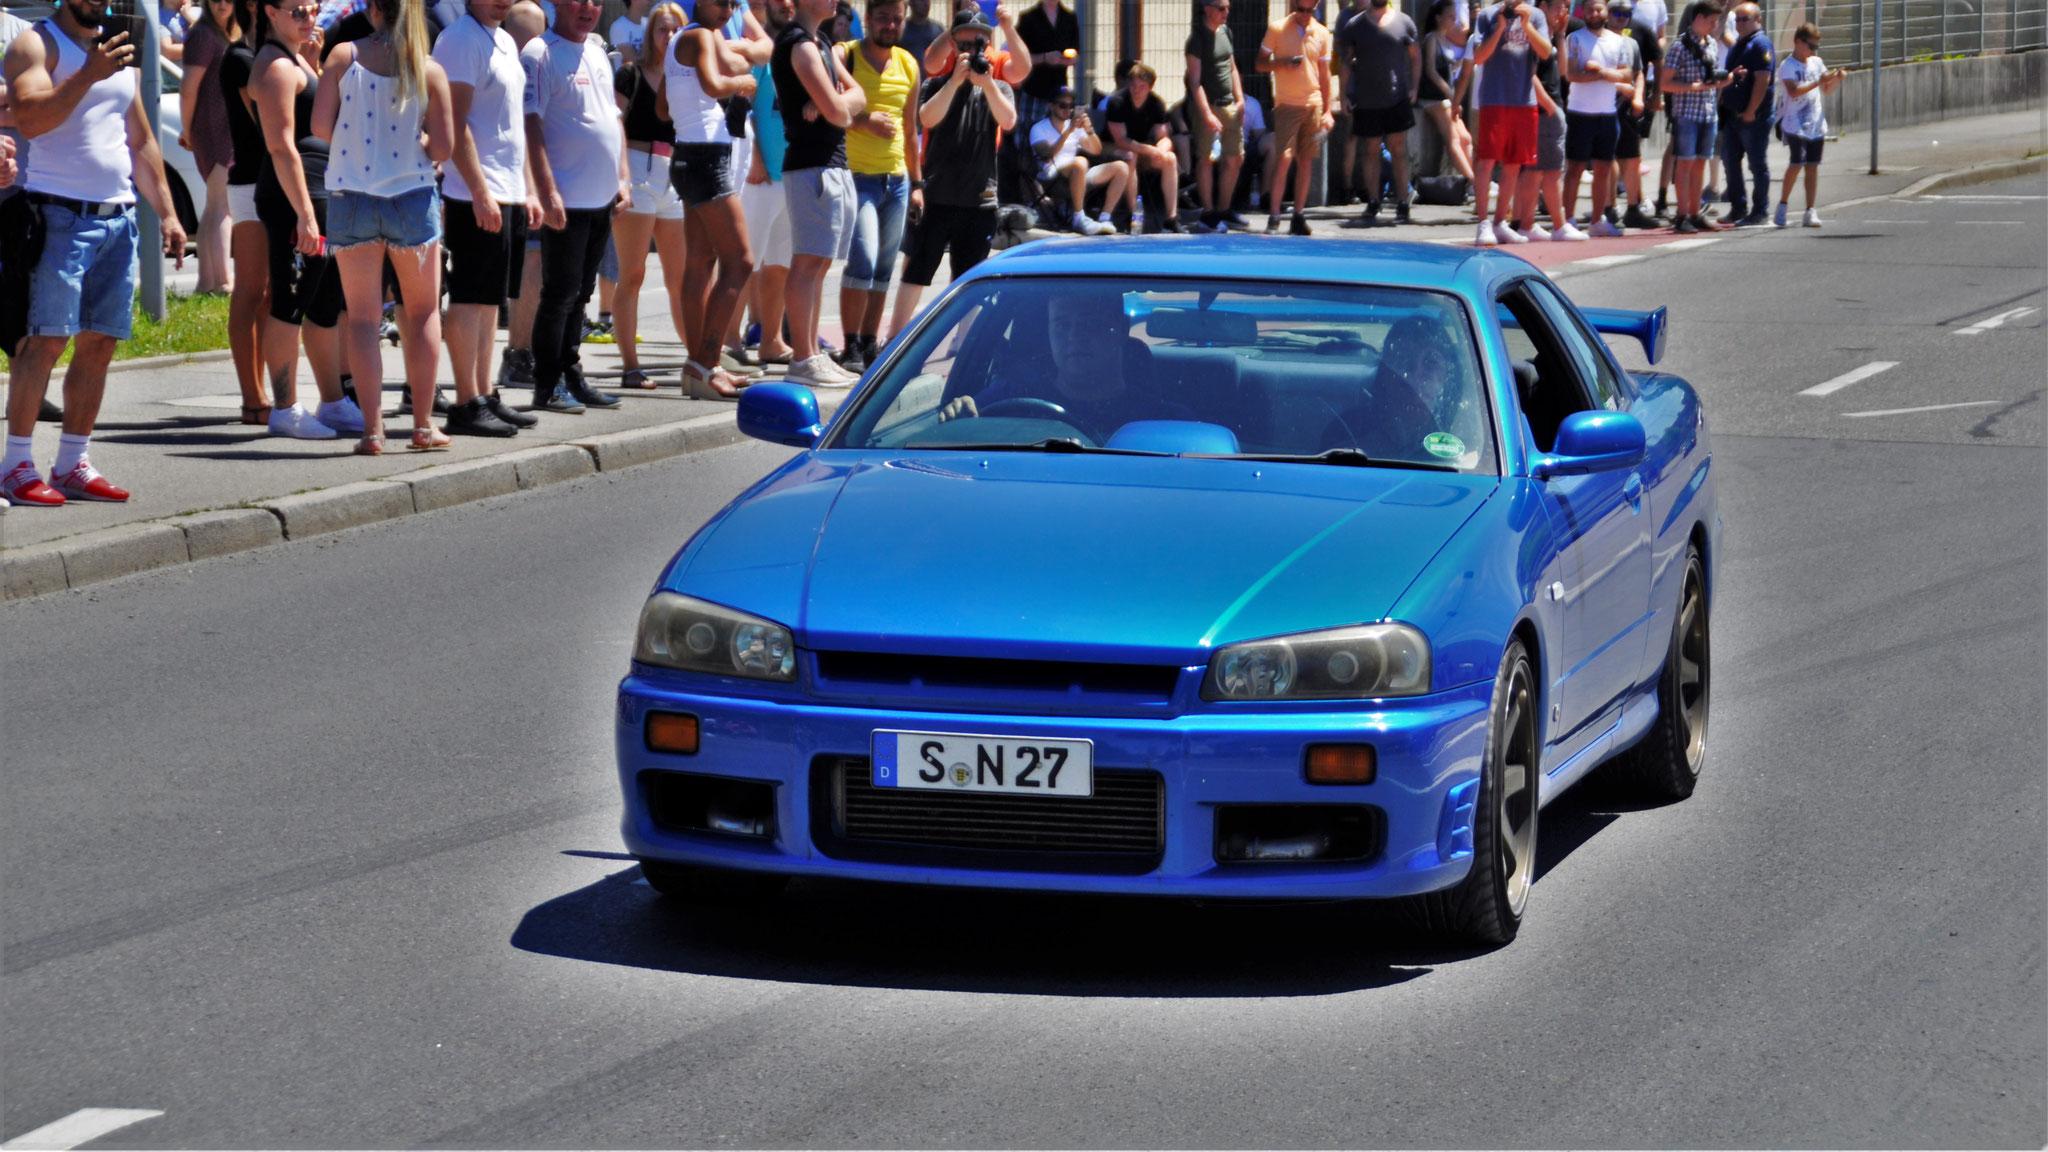 Nissan R34 GT-R - S-N-27